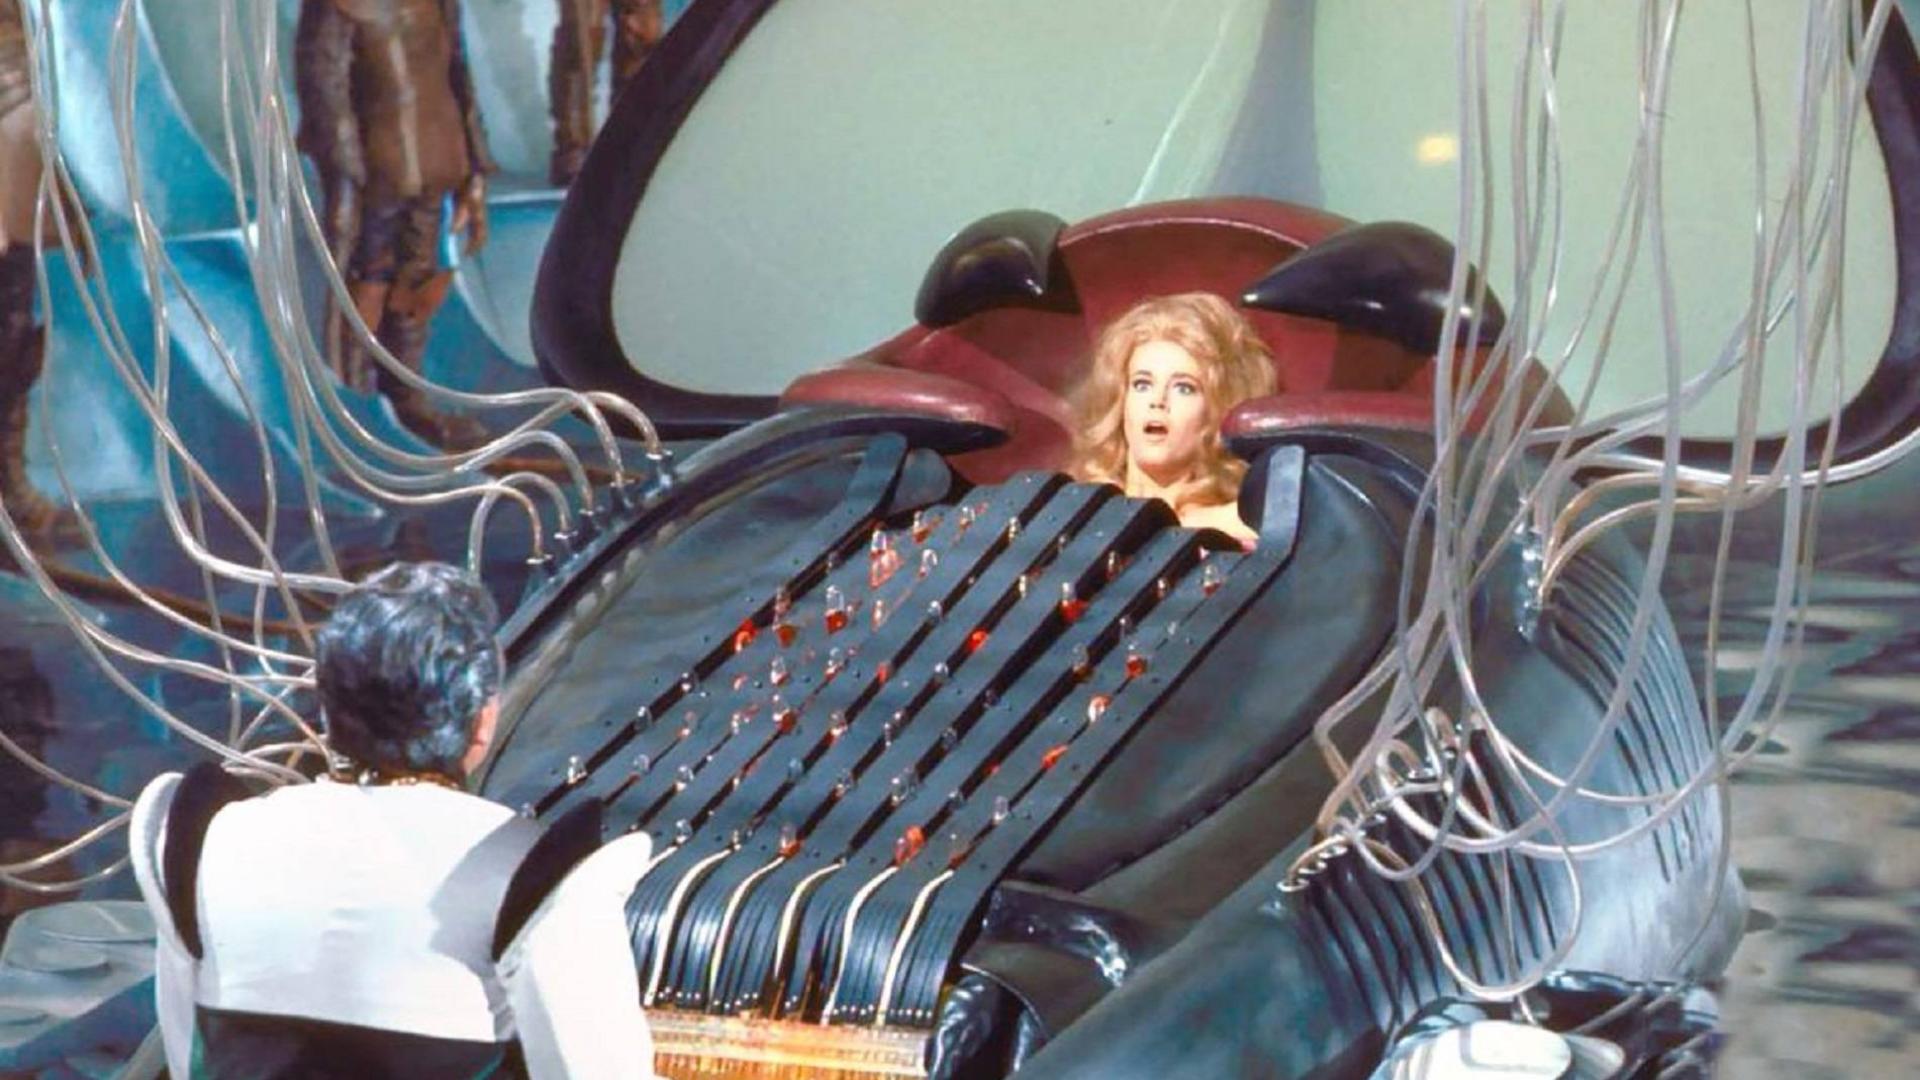 邪恶科学家将女孩放入钢琴,用琴键羞辱她,这部1968年的电影,尺度大到令人咋舌!